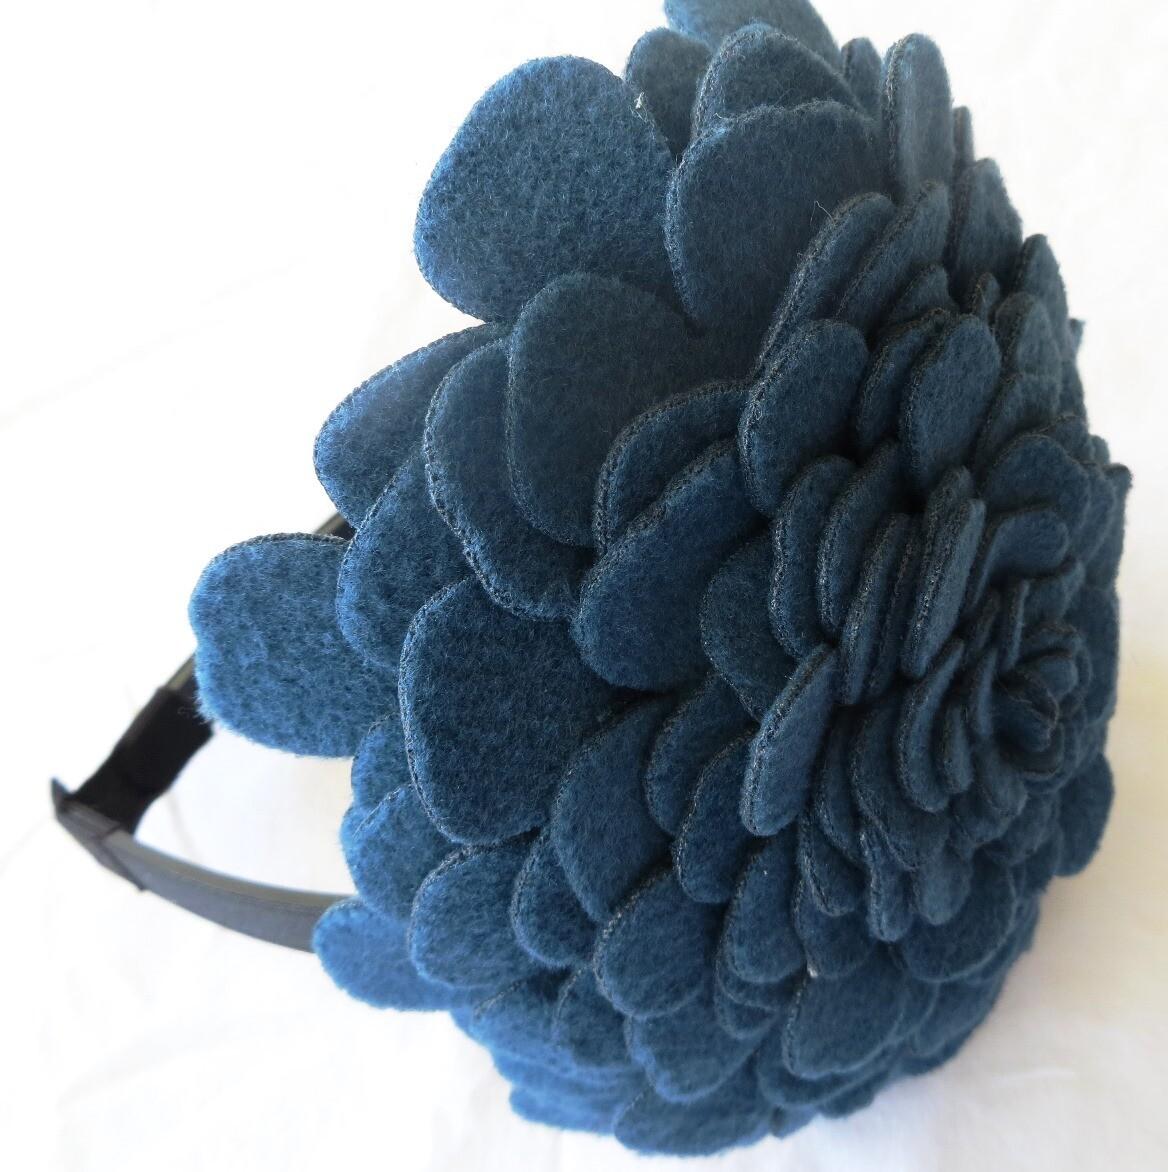 Teal large felt flower headband